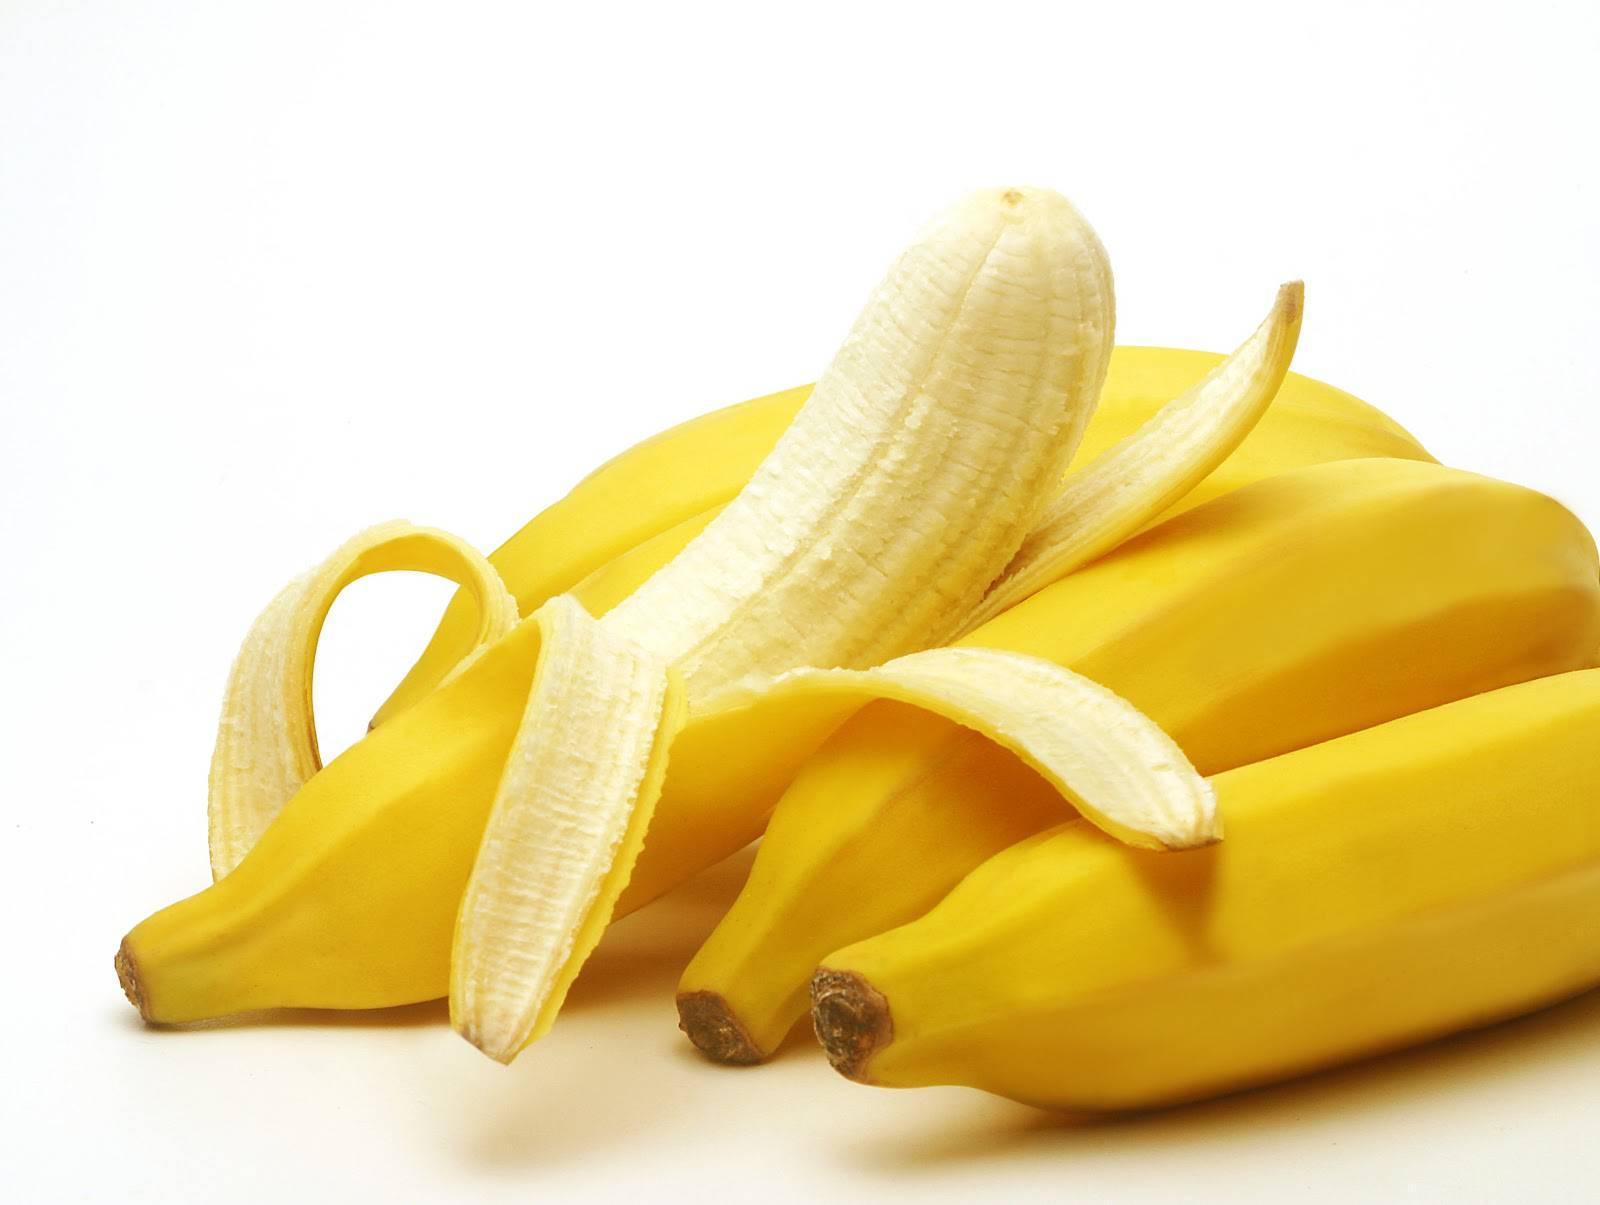 Mangiare Le Bucce Di Banana Fa Bene Alla Salute